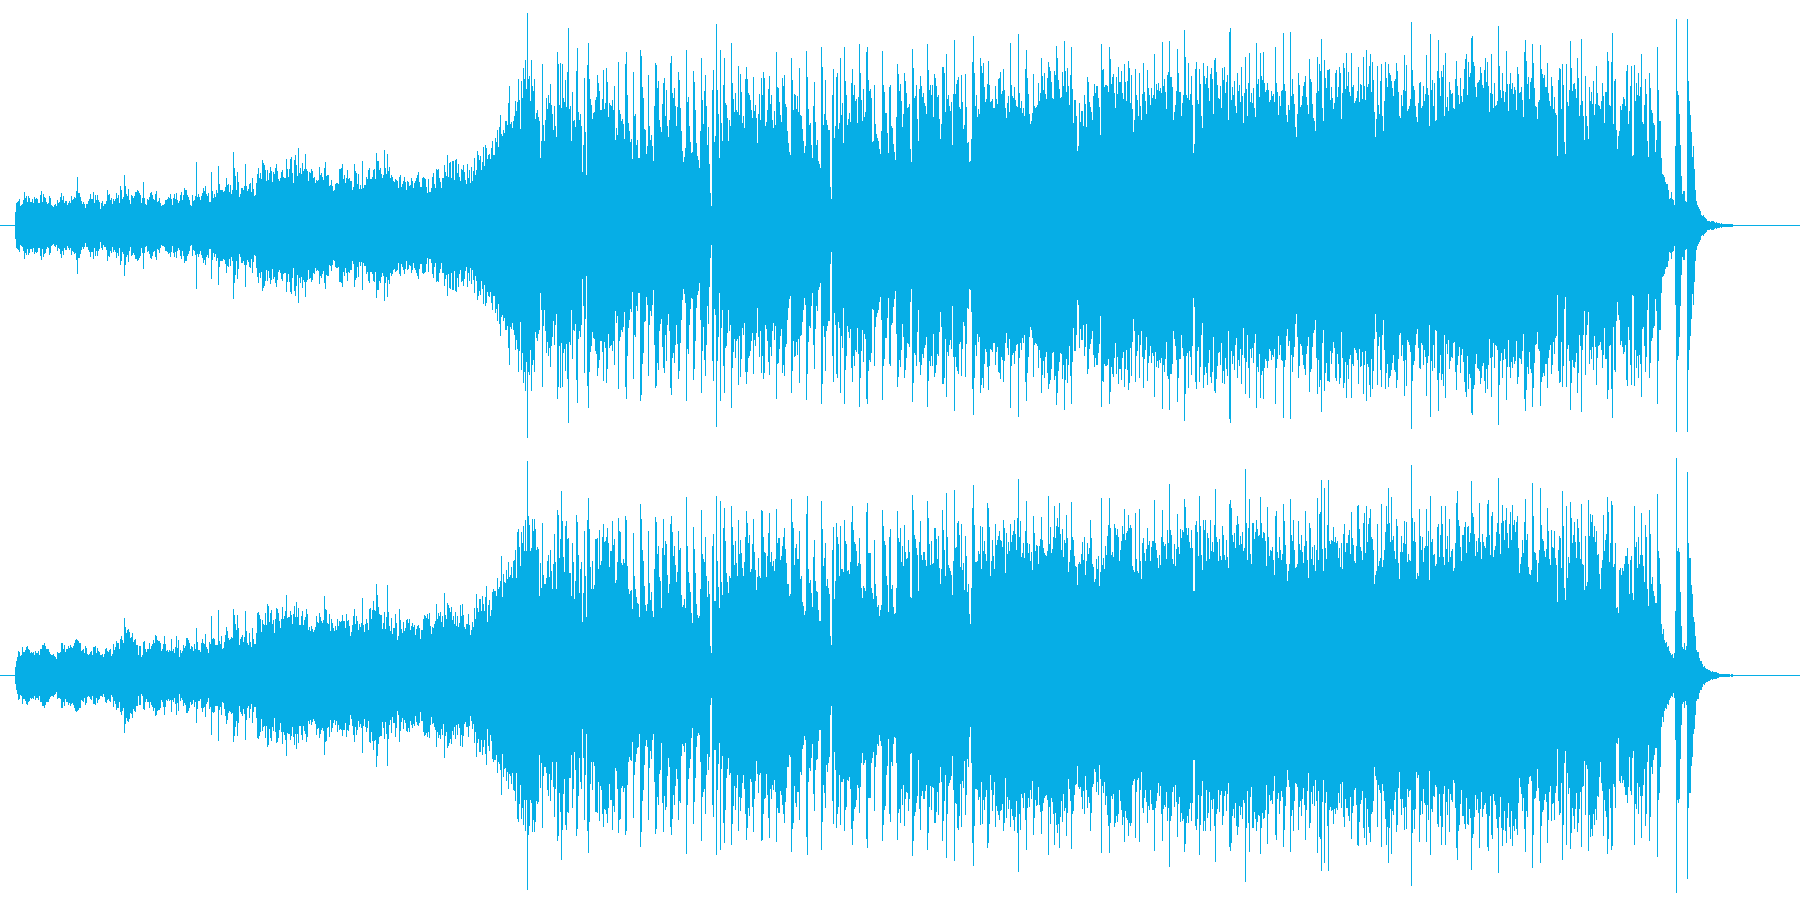 エレキギターのリフが印象的なジングル曲の再生済みの波形